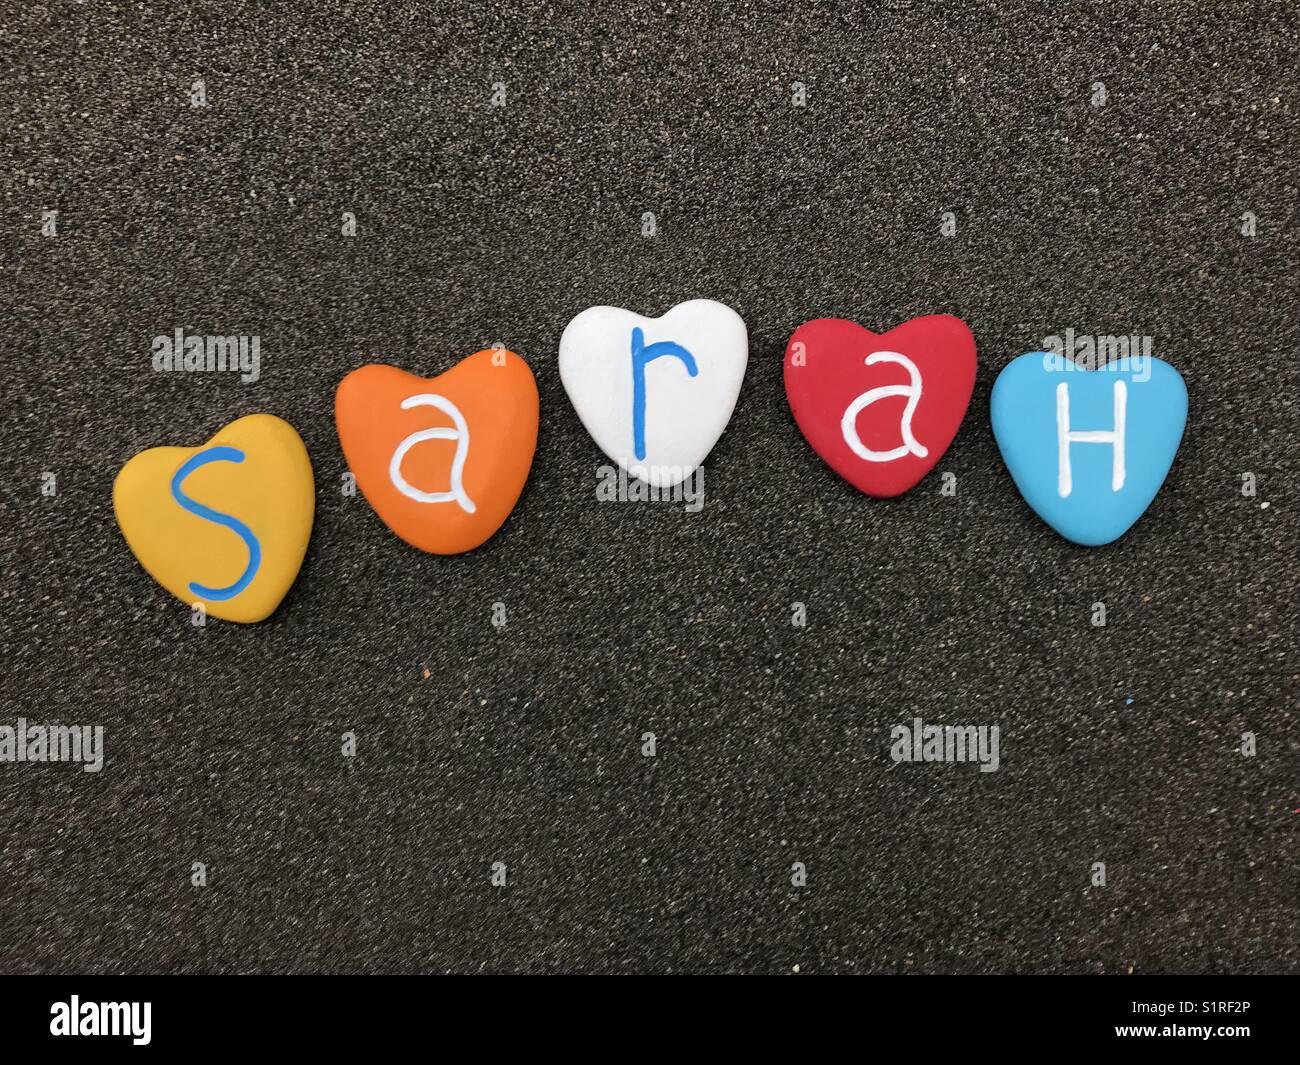 Sarah Prénom Féminin Avec Coeur Multicolore Pierres Sur Sable